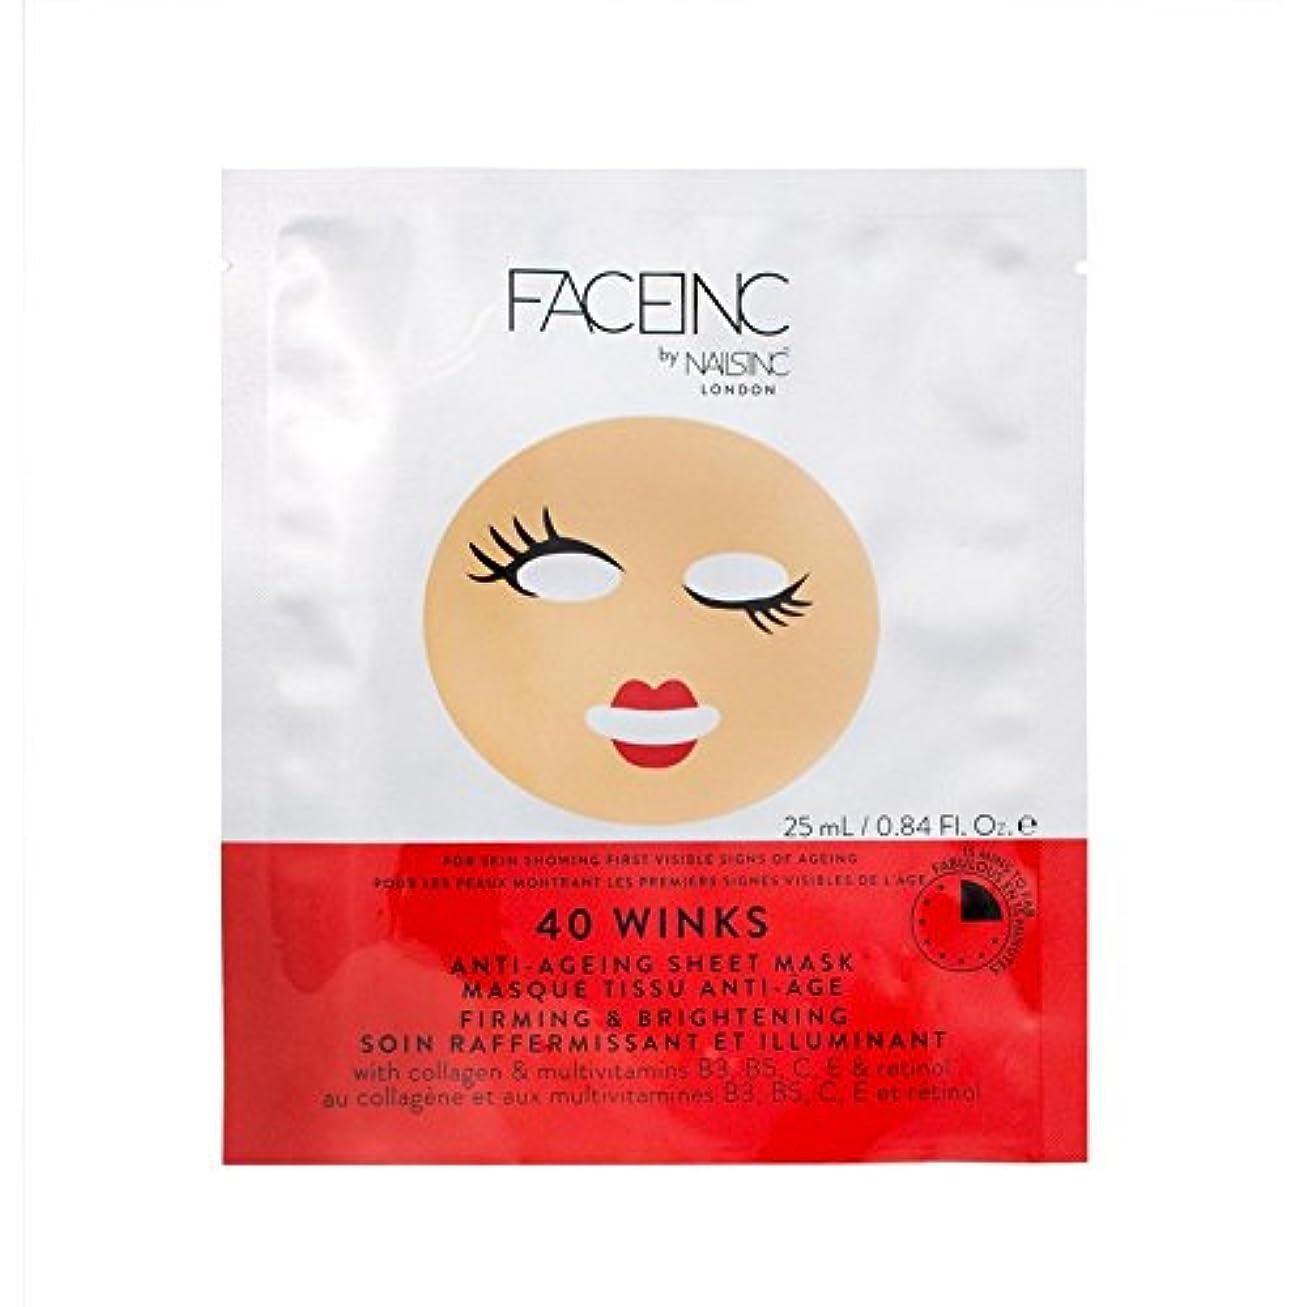 視力兵器庫正当な爪が株式会社顔株式会社40のウィンクは、マスク x4 - Nails Inc. Face Inc 40 Winks Mask (Pack of 4) [並行輸入品]